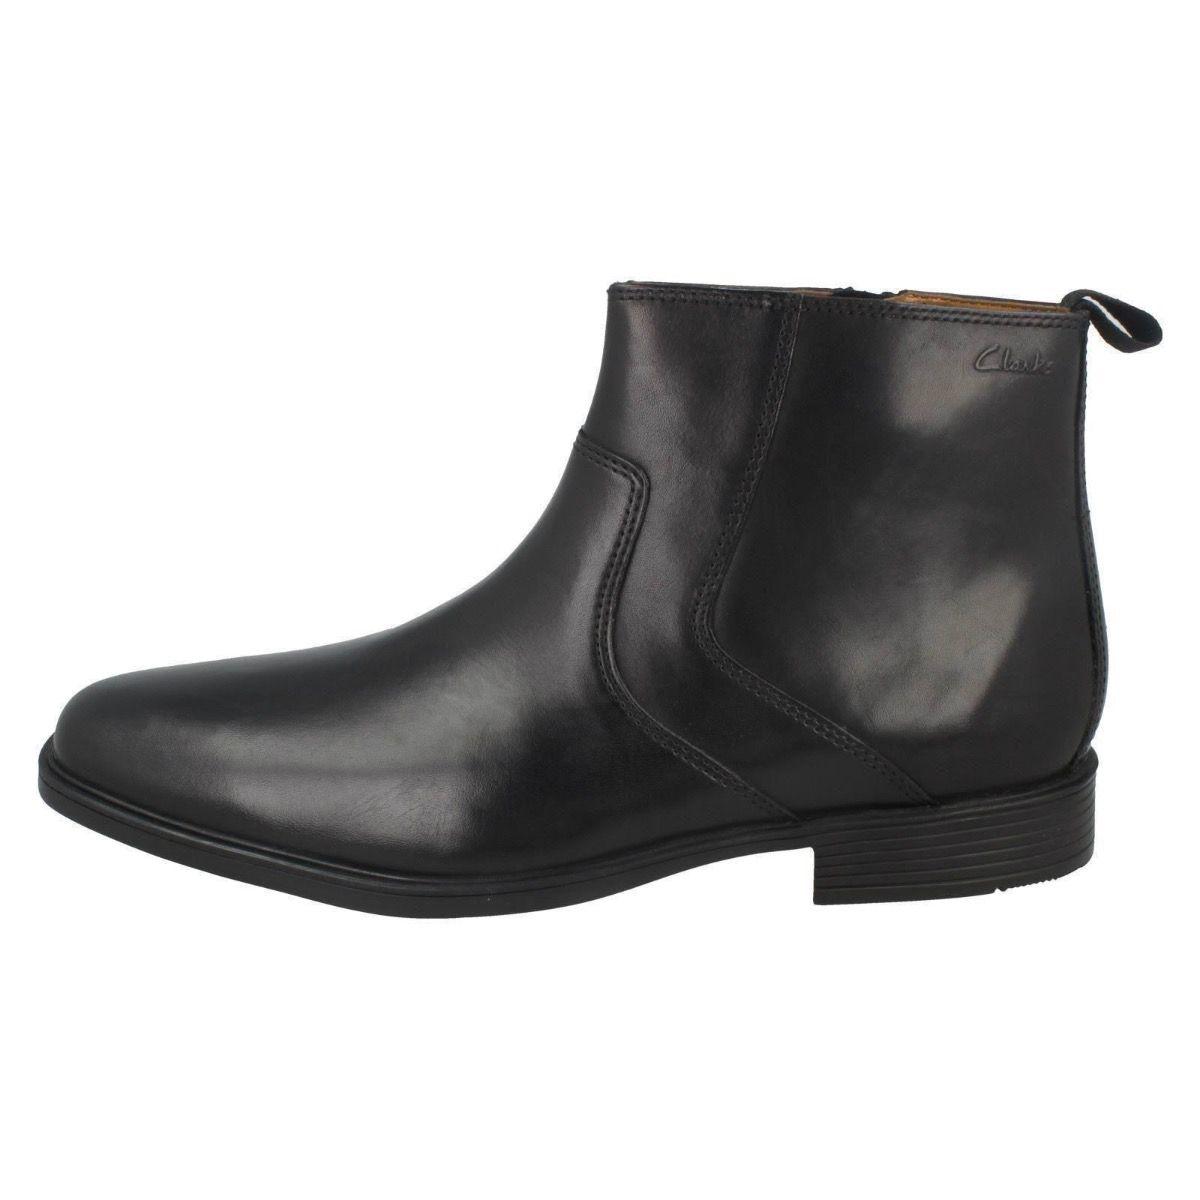 Clarks Tilden Ankle Zip Black Boot for Men-10